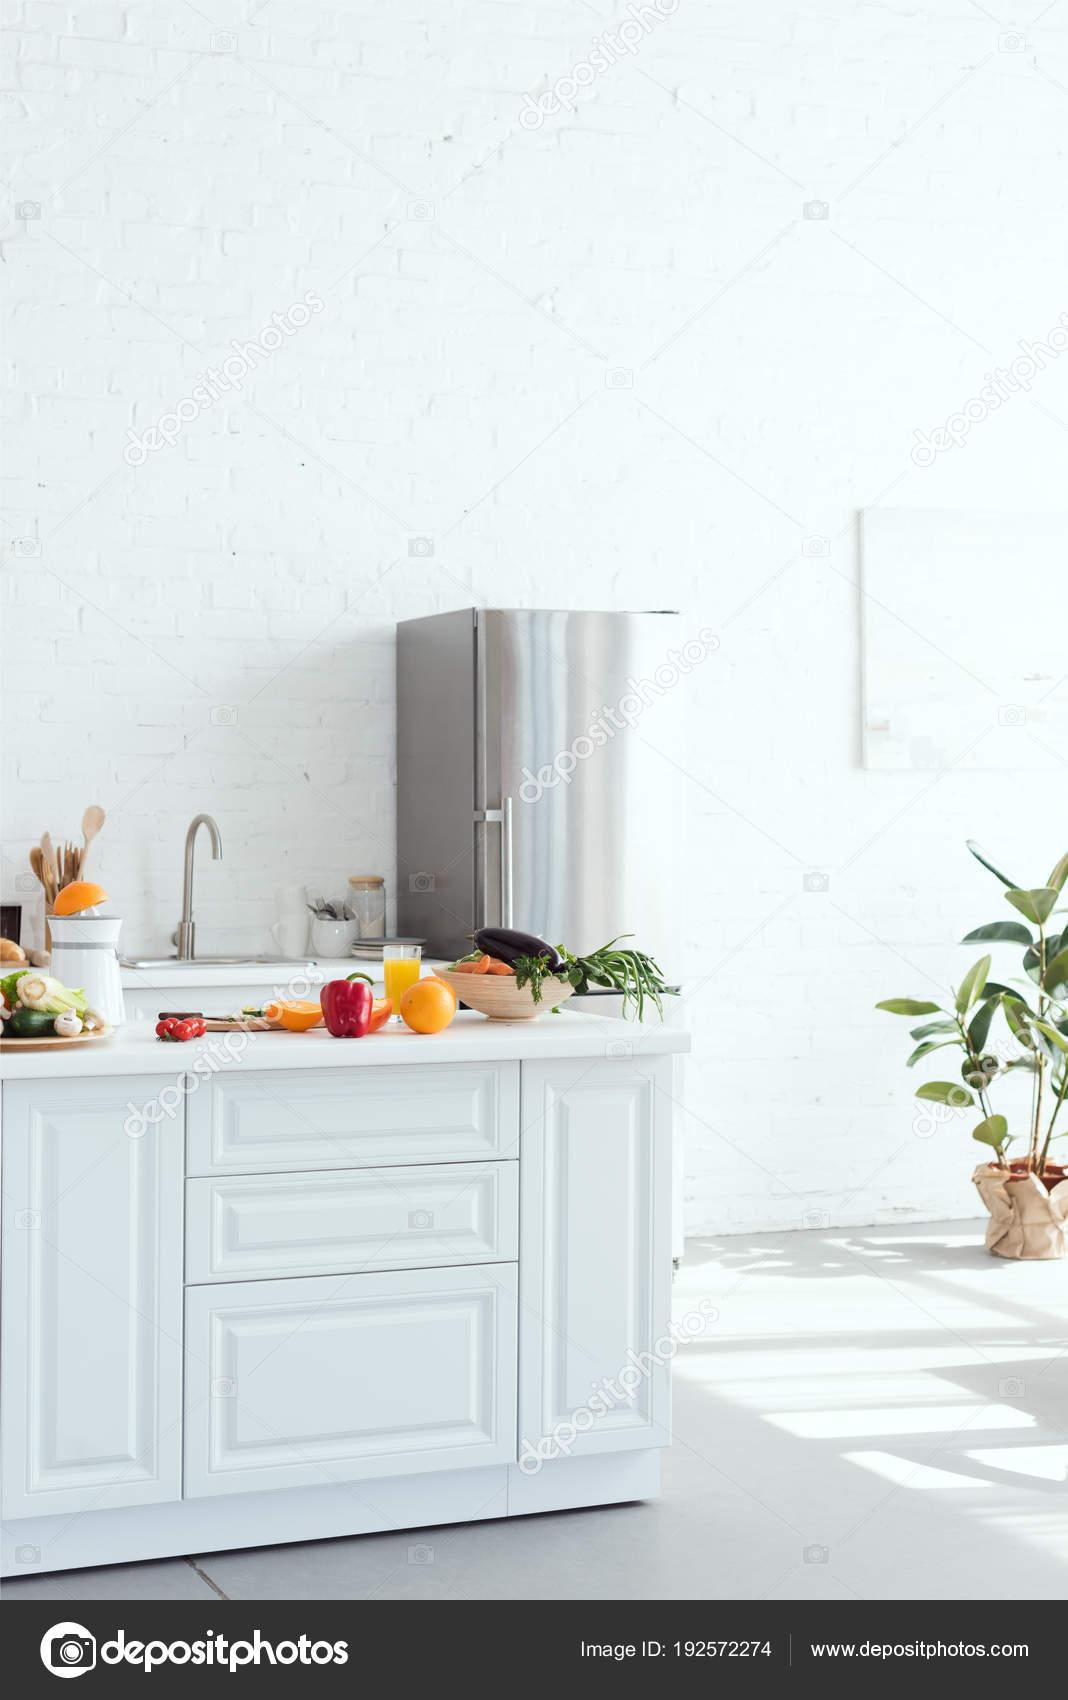 Interior Light Modern Kitchen Fruits Vegetables Kitchen Counter ...